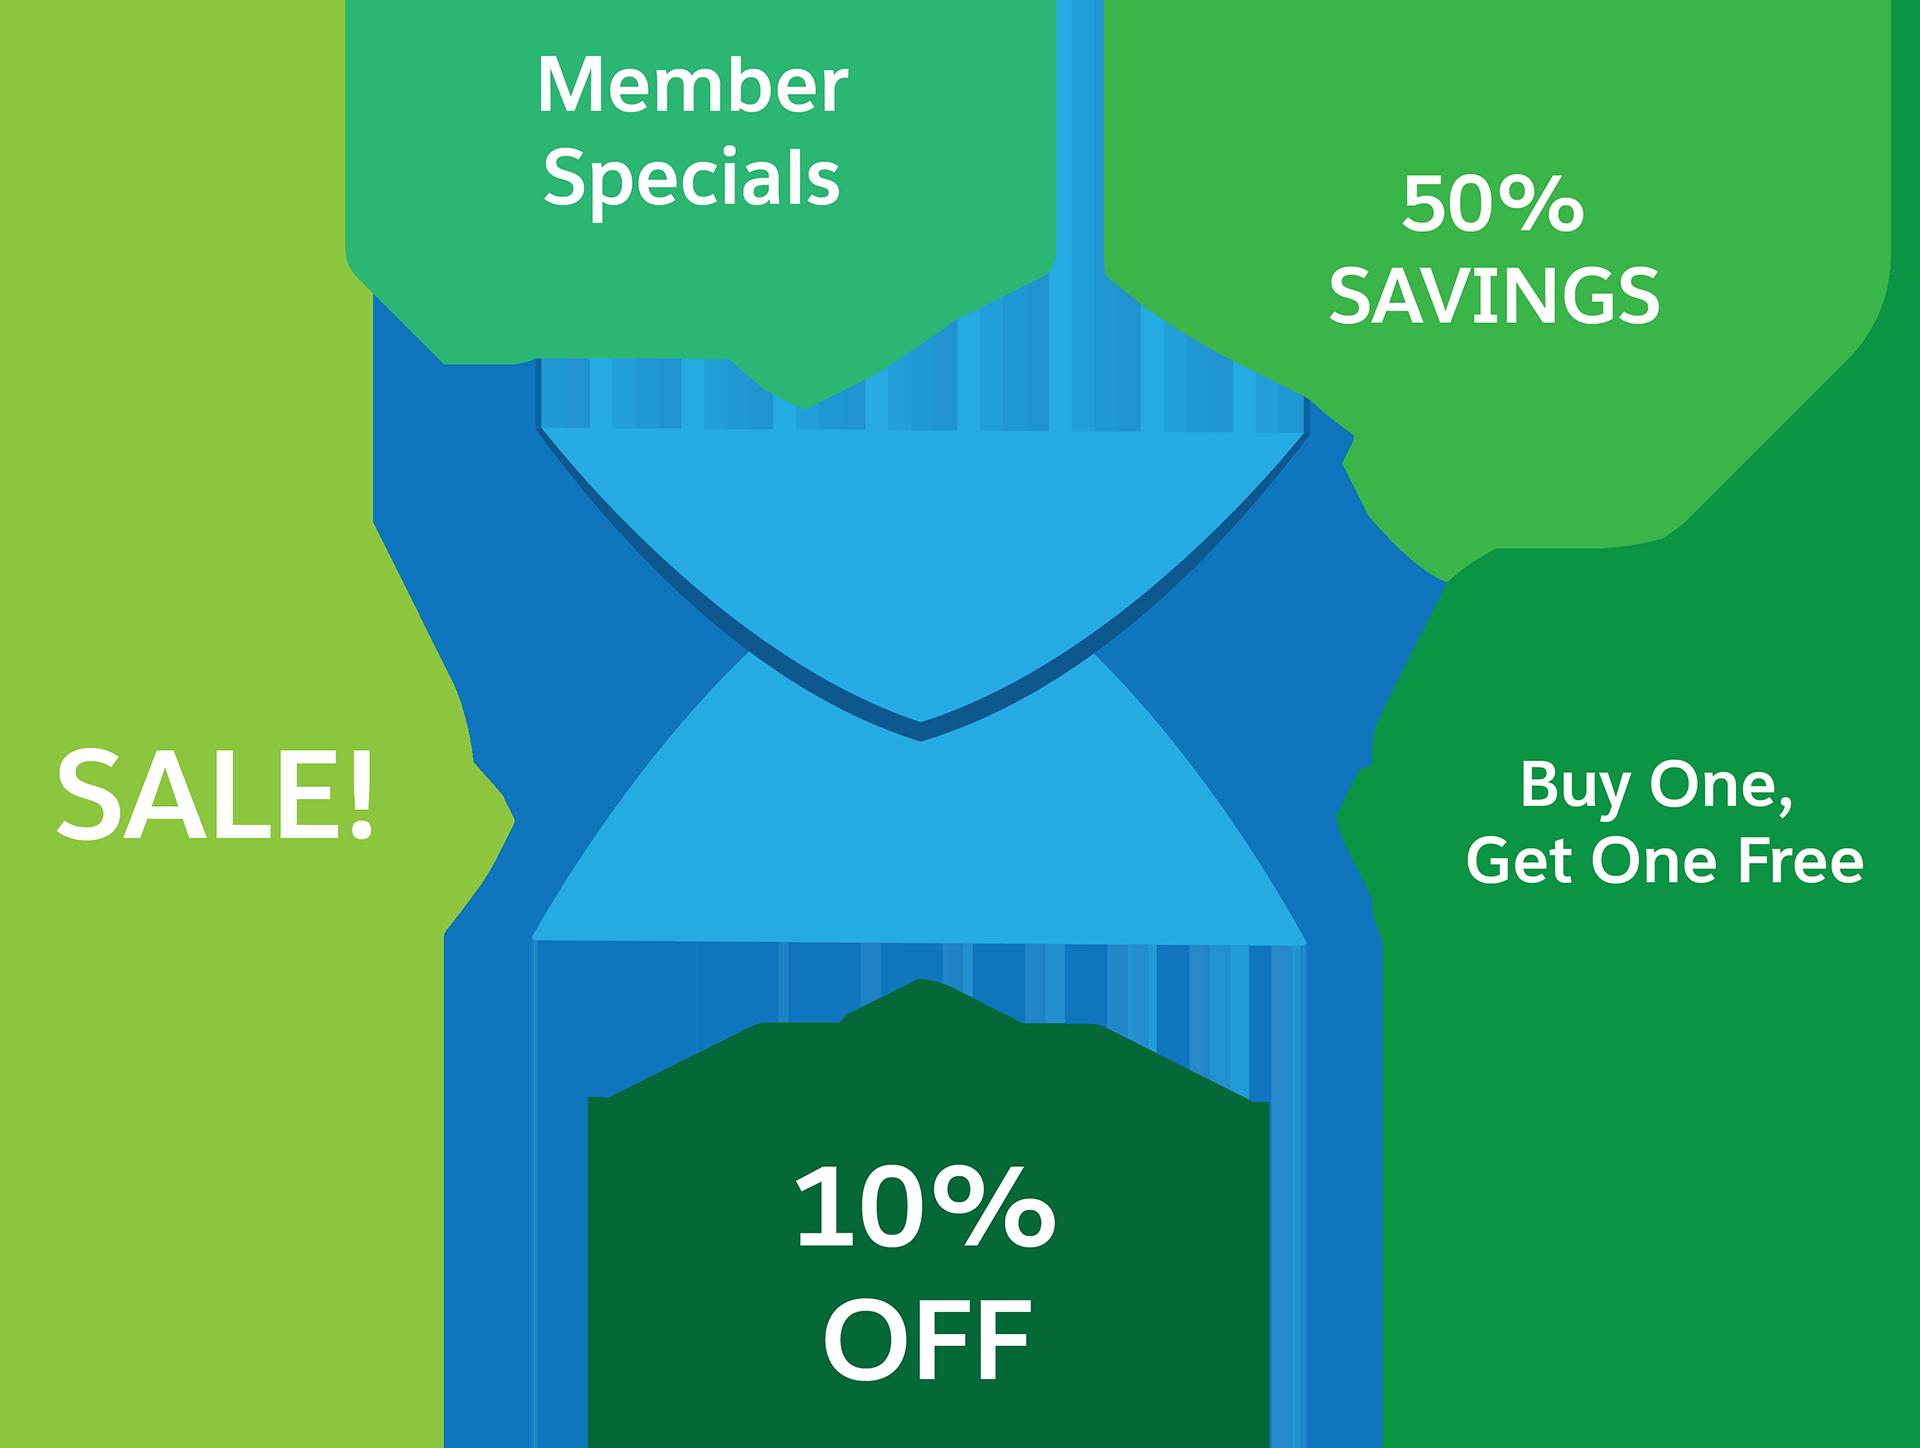 E-mail avec des exemples d'incitations (Un produit acheté, un produit offert; 50% D'ÉCONOMIES; SOLDES!;10% DE RÉDUCTION; Offres spéciales pour les membres)